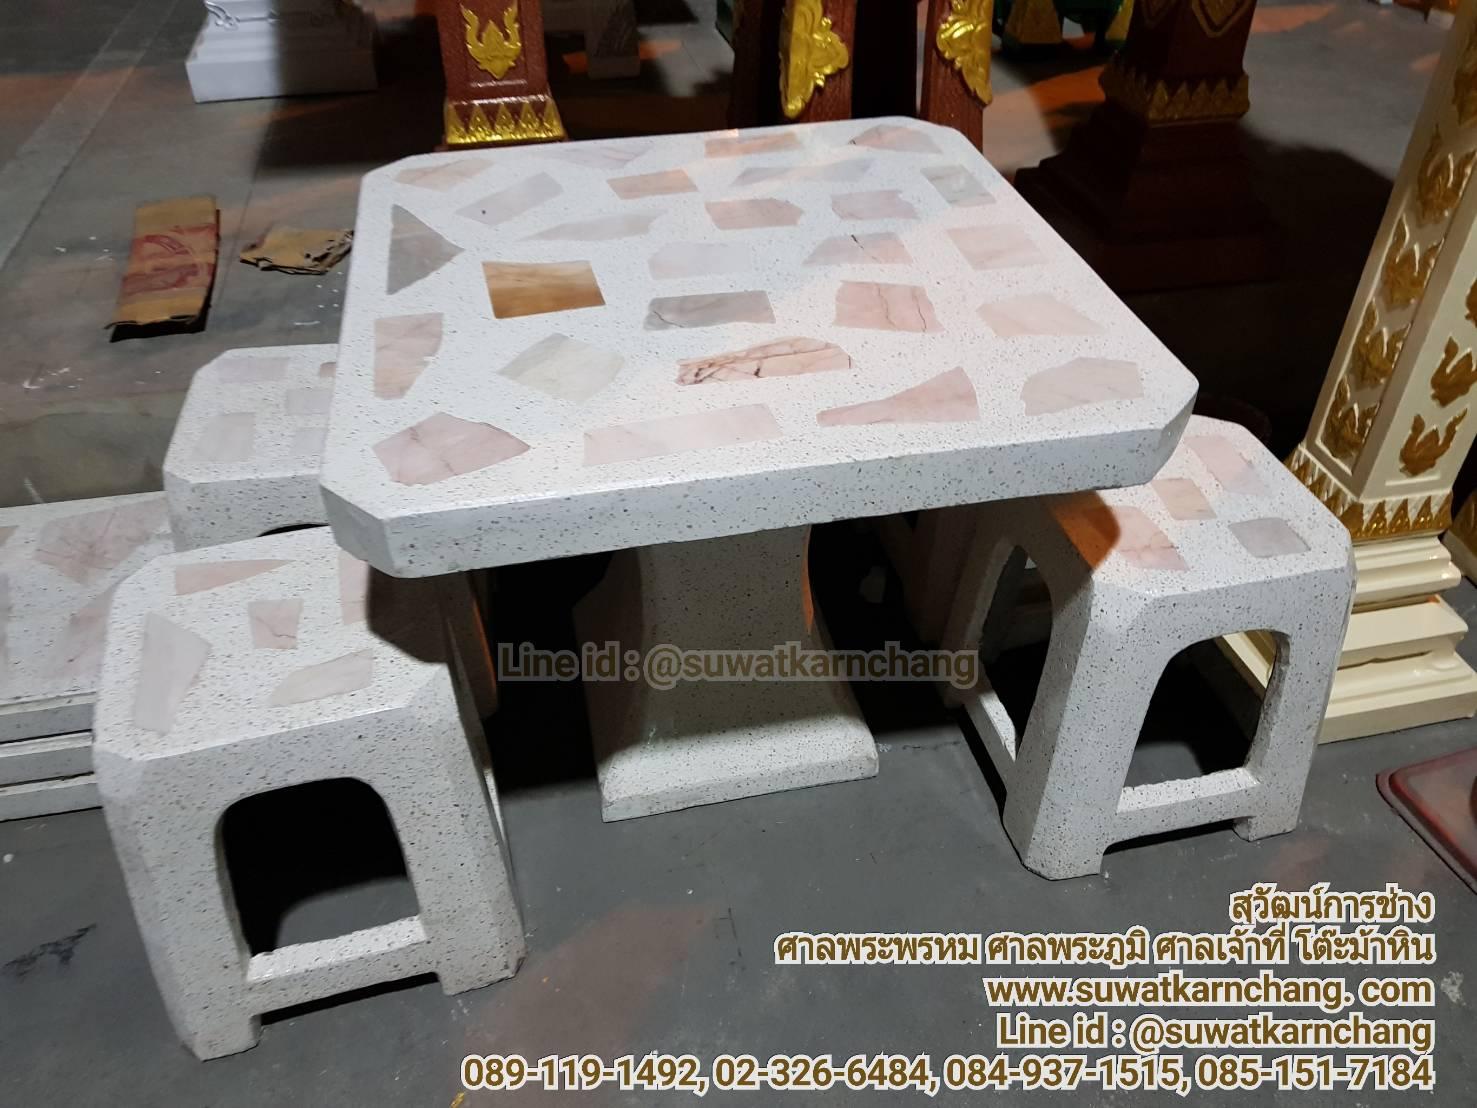 โต๊ะทรงสี่เหลี่ยมเก้าอี้พลาสติก